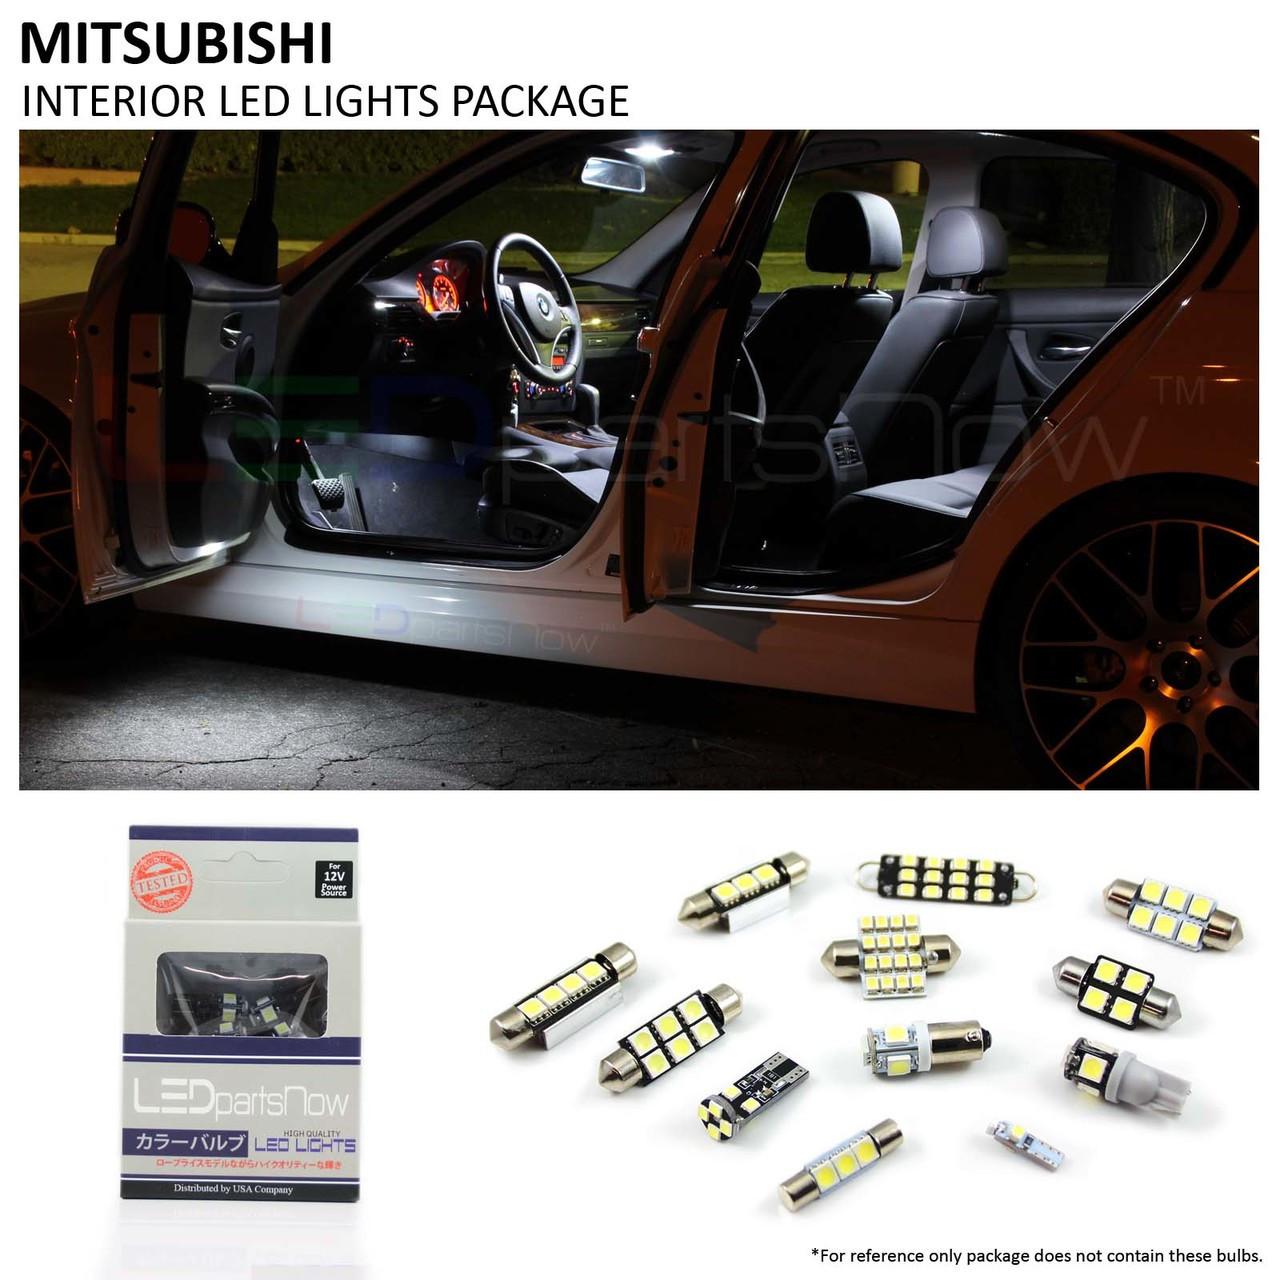 2013-2017 Mitsubishi Outlander LED Interior Lights Package